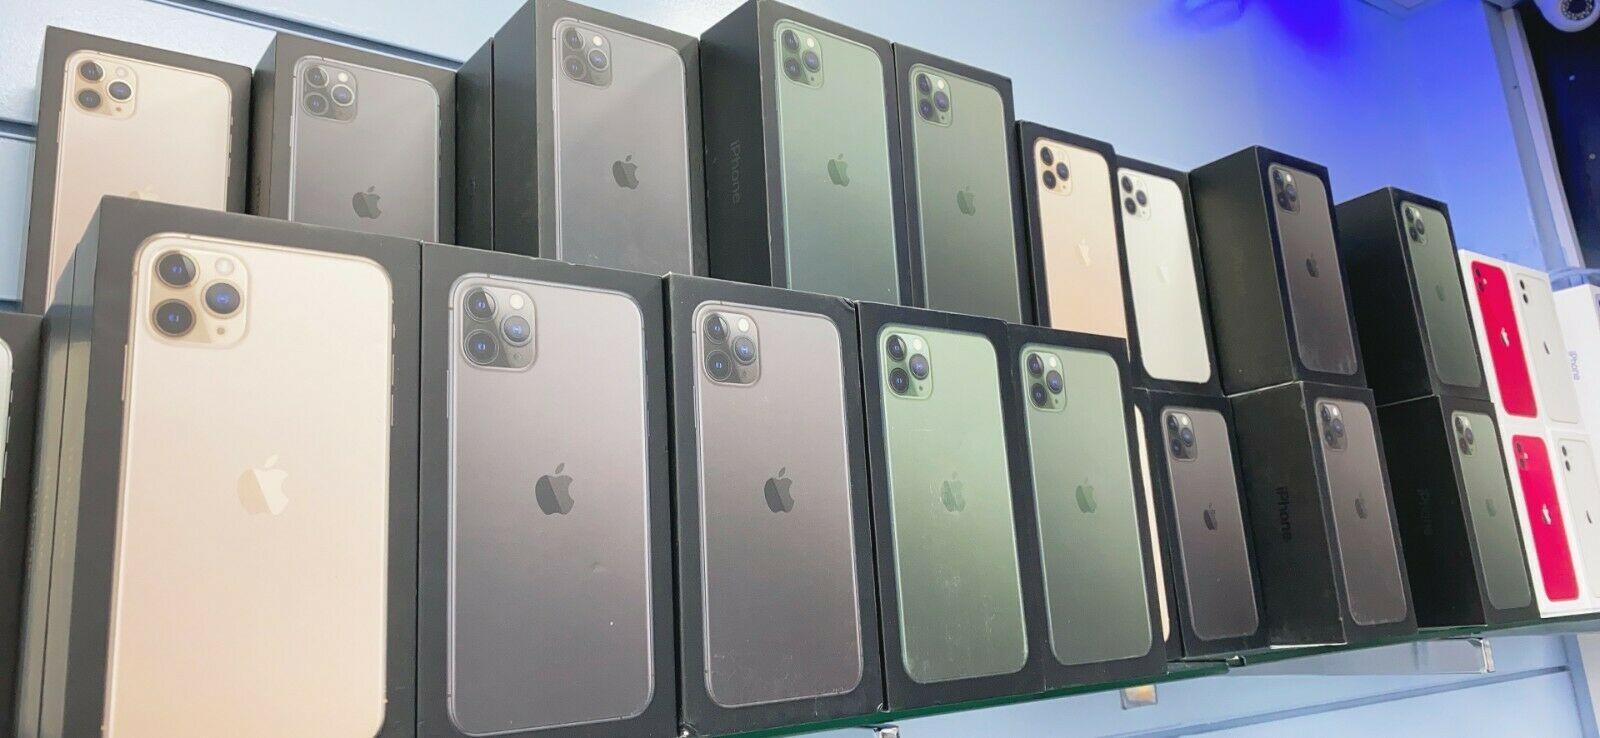 Oferta para Apple iPhone 11, 11 Pro y 11 Pro Max a precio de mayorista.